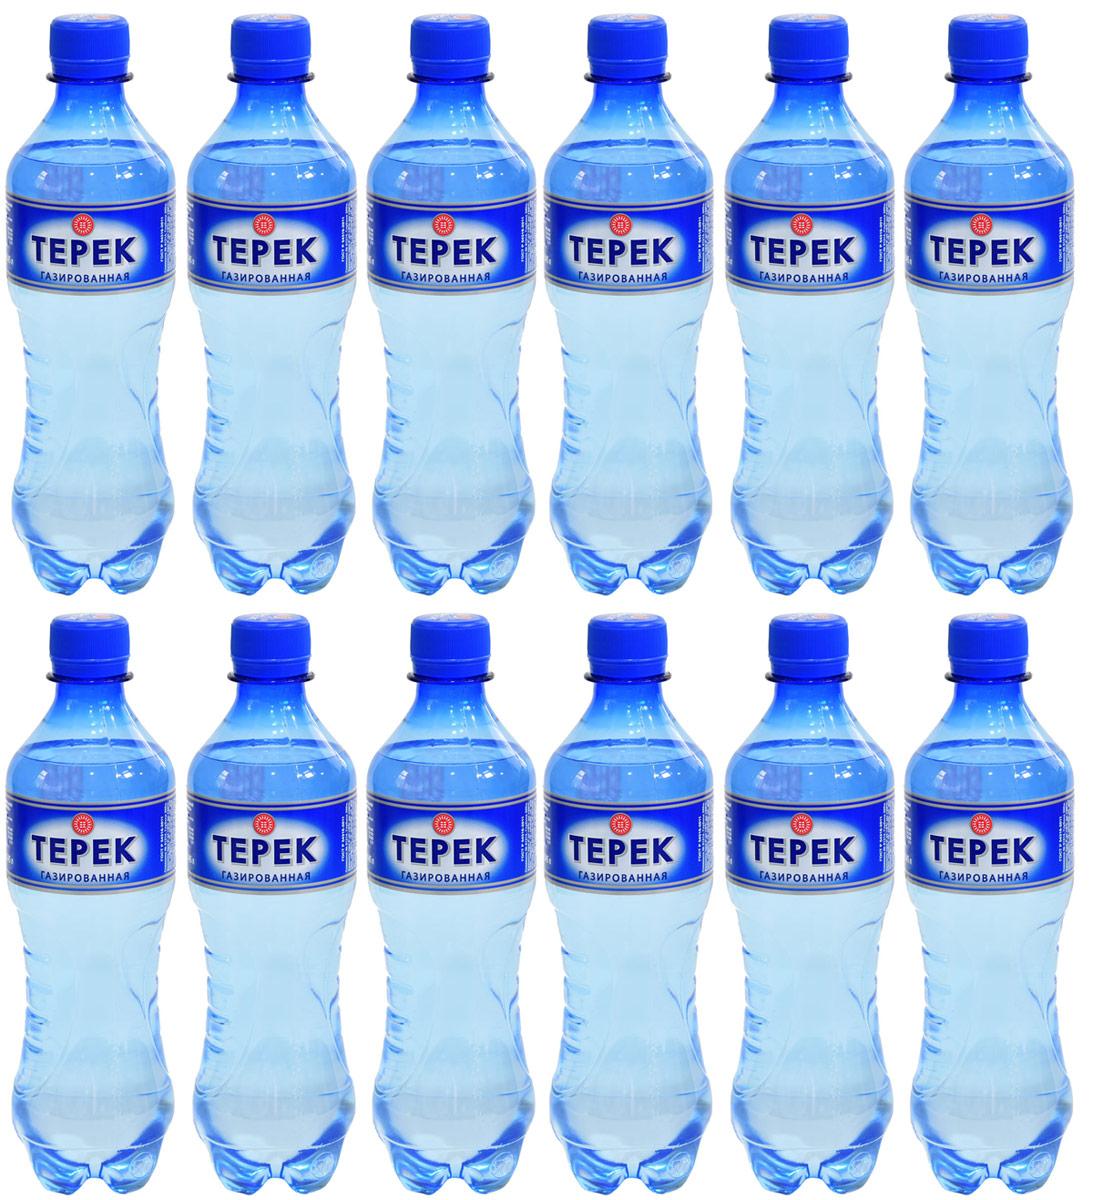 Терек вода минеральная газированная, 12 шт по 0,5 л232-11Натуральная минеральная столовая вода имеет природное происхождение. По микроэлементному составу полностью идентична хлоридно-гидрокарбонатным минеральным водам Кавказа. Рекомендована к регулярному использованию для питья и приготовления пищи. Не содержит каких либо вредных и токсичных элементов, способствует очищению организма от шлаков, улучшает обмен веществ, повышает иммунитет. Скважина № 81214, глубина 260 метров.